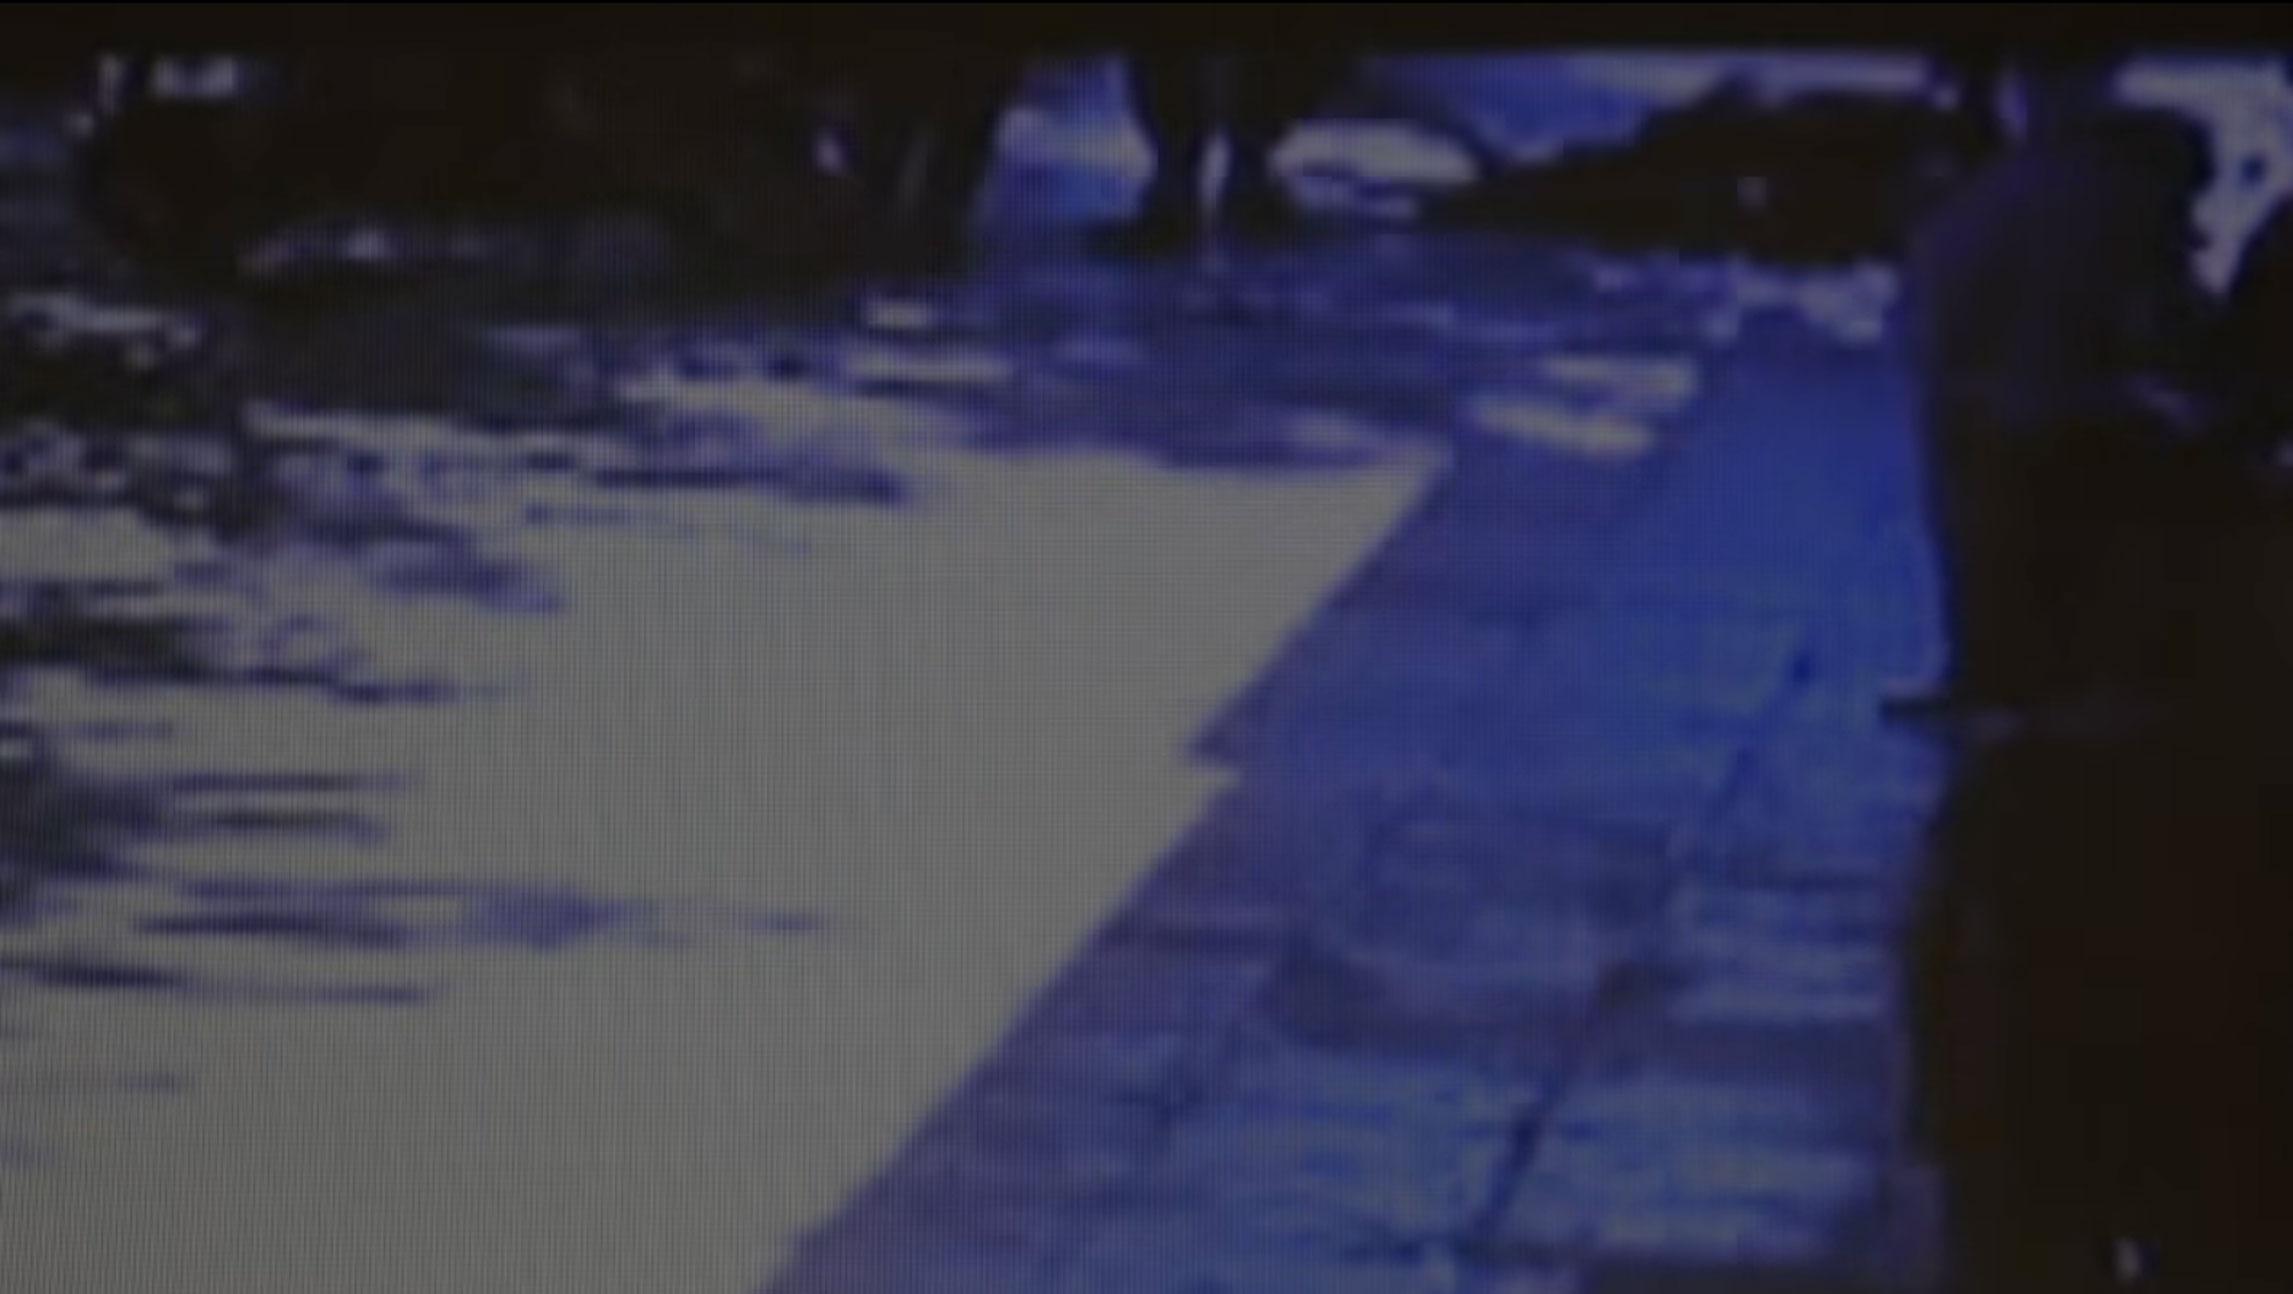 Βίντεο ντοκουμέντο από τα Σεπόλια διαψεύδει τους ισχυρισμούς της ΕΛ.ΑΣ.